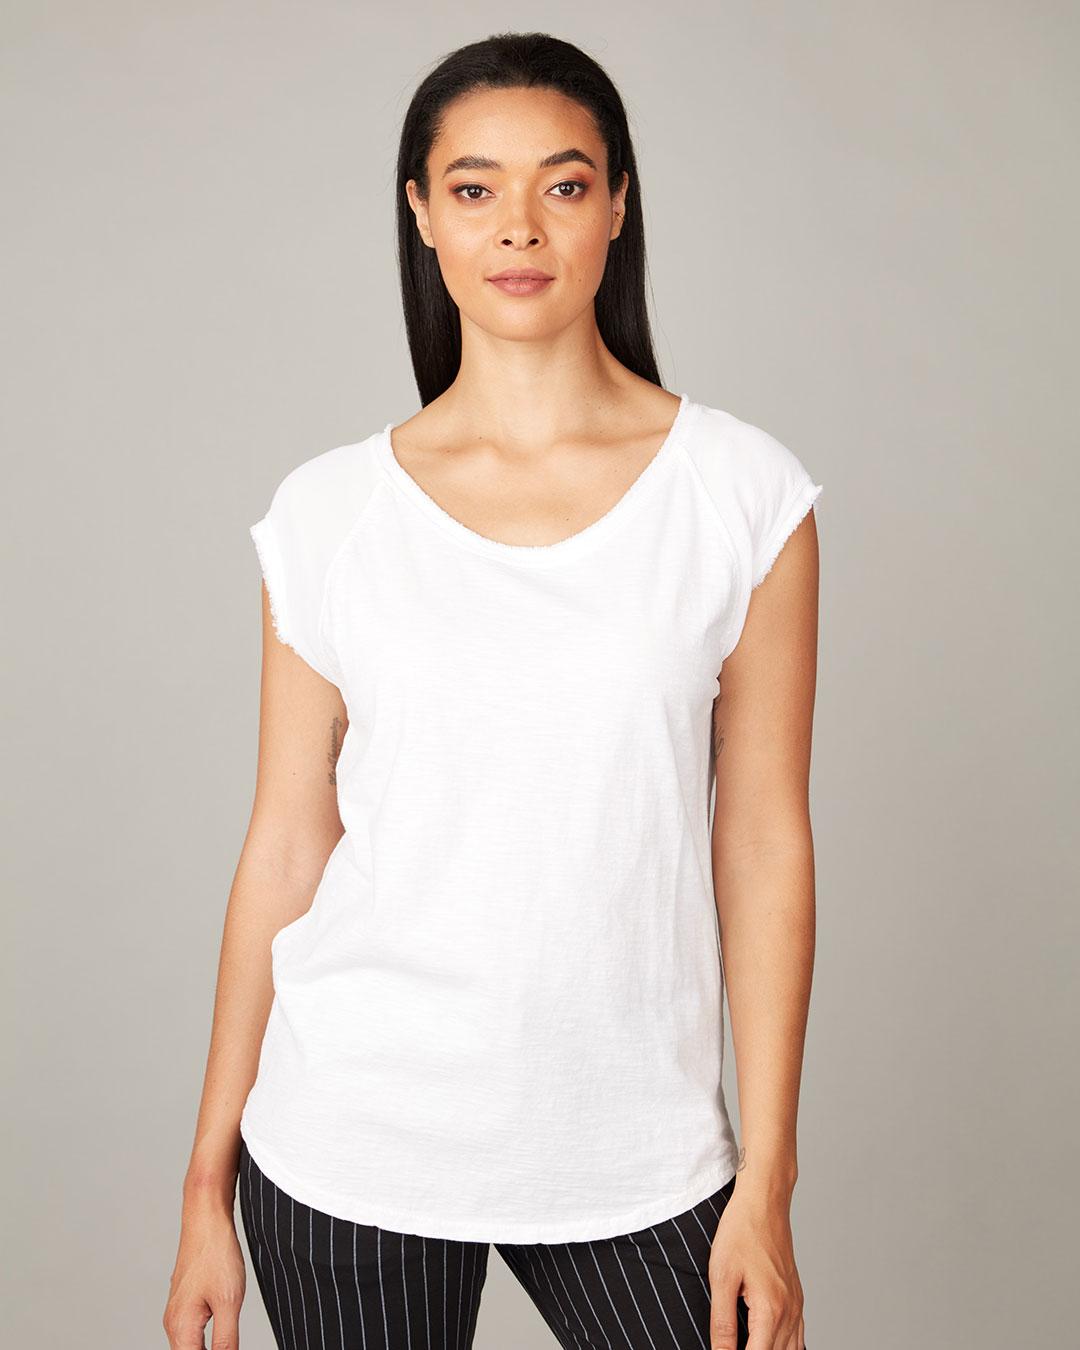 pistache-clothing-crepe-cotton-shirt-01-dianes-lingerie-vancouver-1080x1350